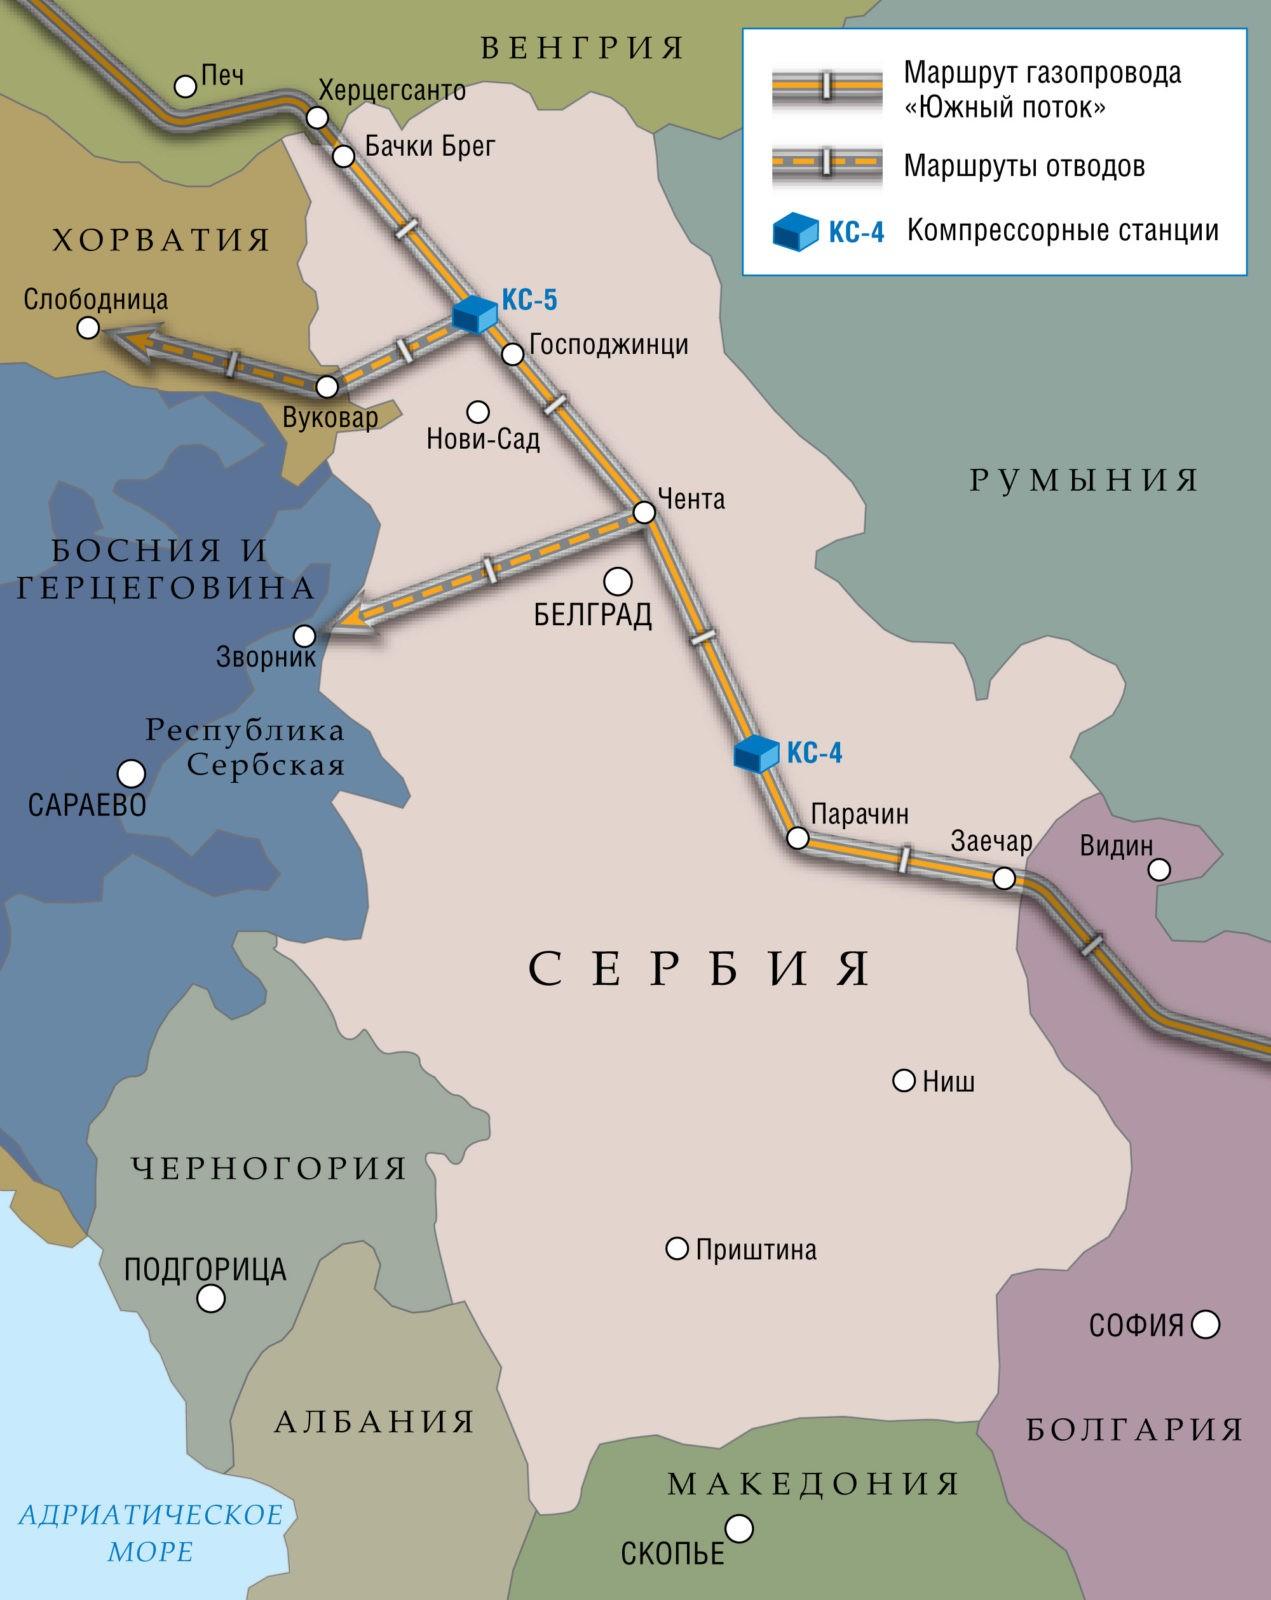 Сербский участок газопровода «Южный поток»